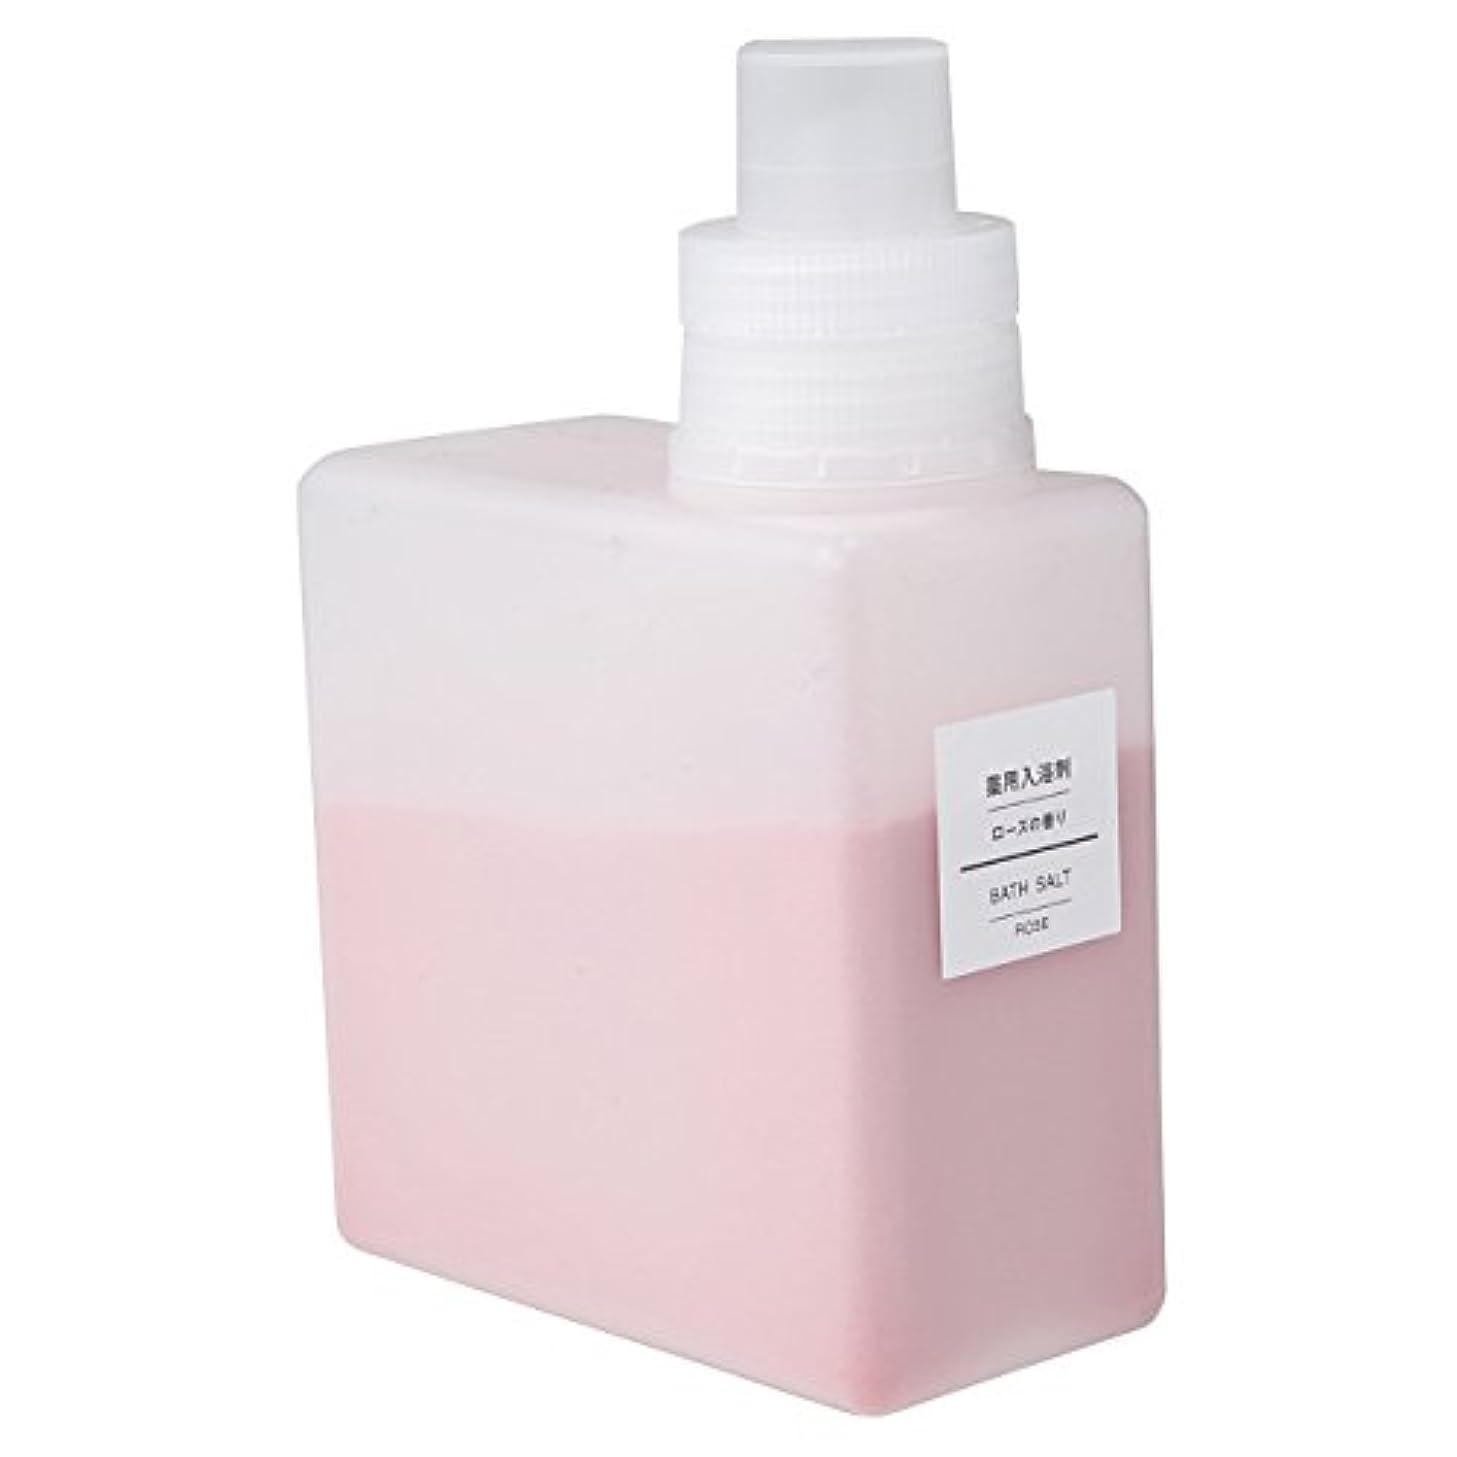 体系的にしないでください容赦ない無印良品 薬用入浴剤?ローズの香り (新)500g 日本製